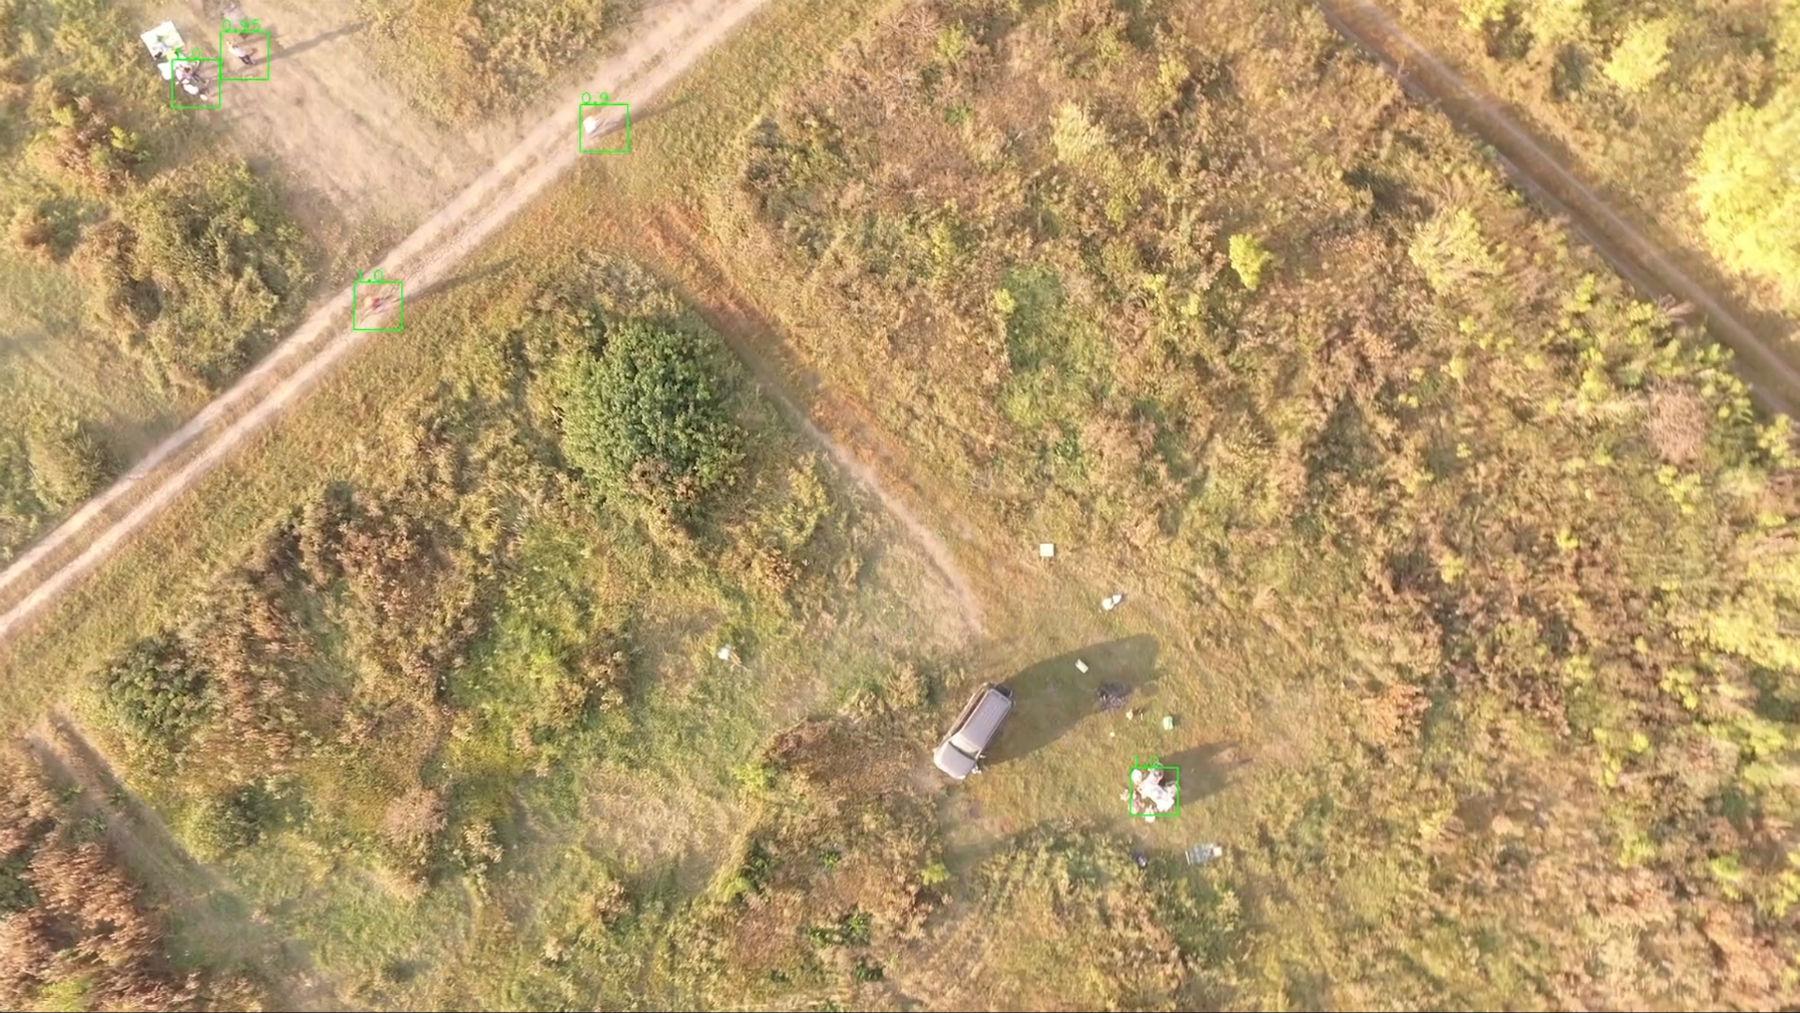 Лес не сдается технологиям поиска, но инженеры наносят ответный удар - 3